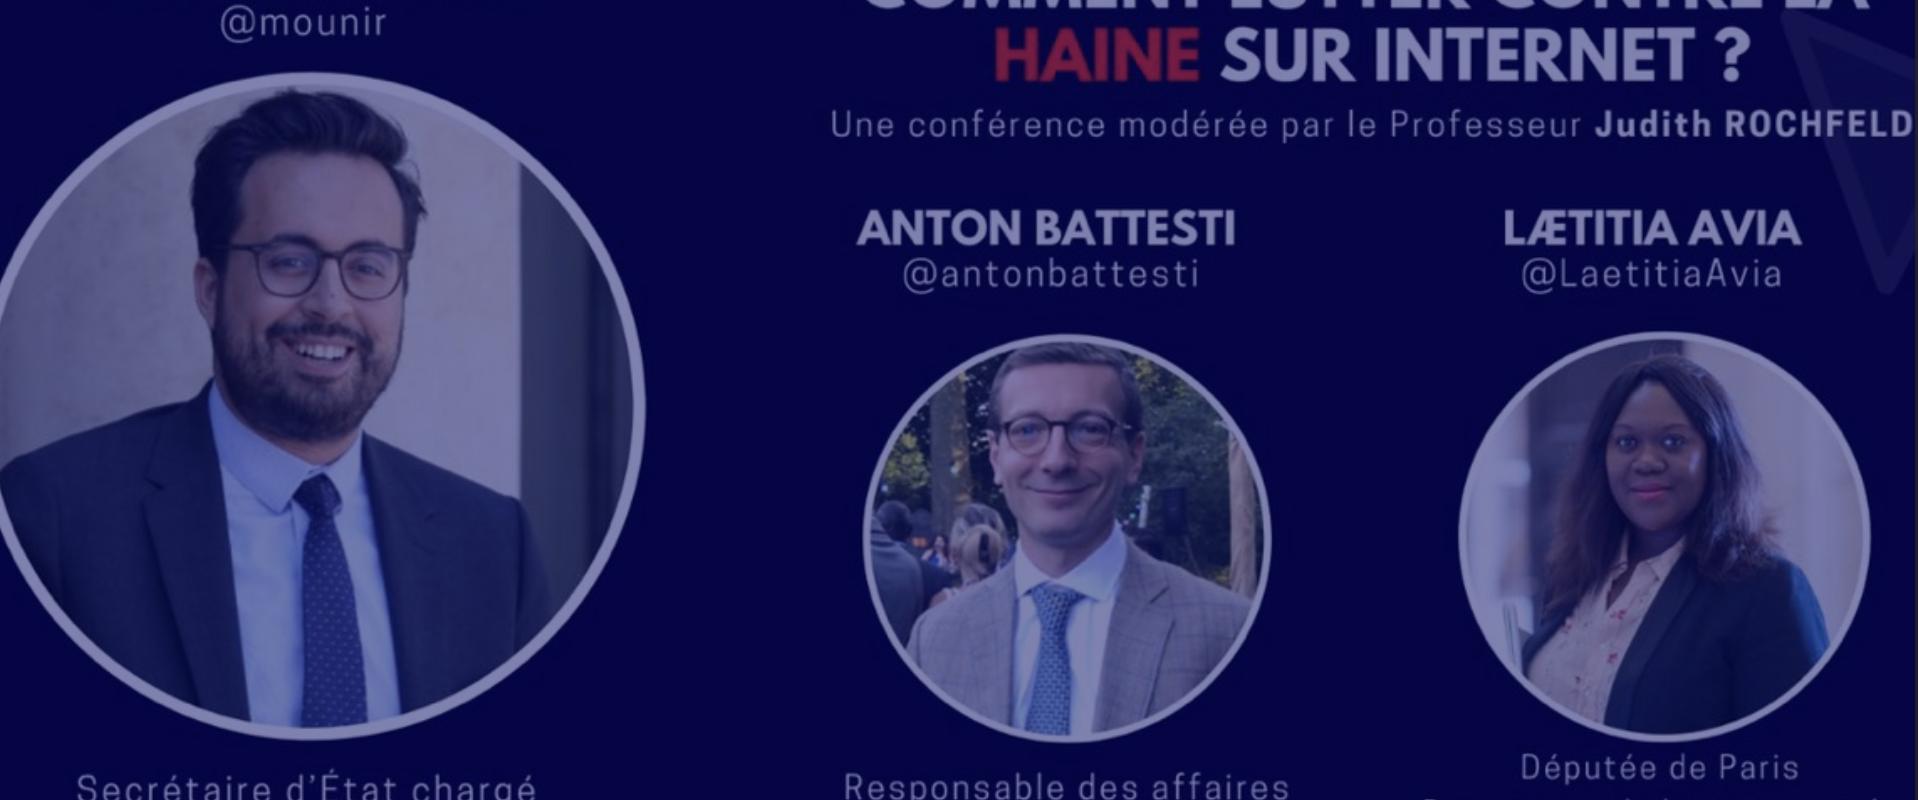 Conférence : Comment lutter contre la haine sur Internet